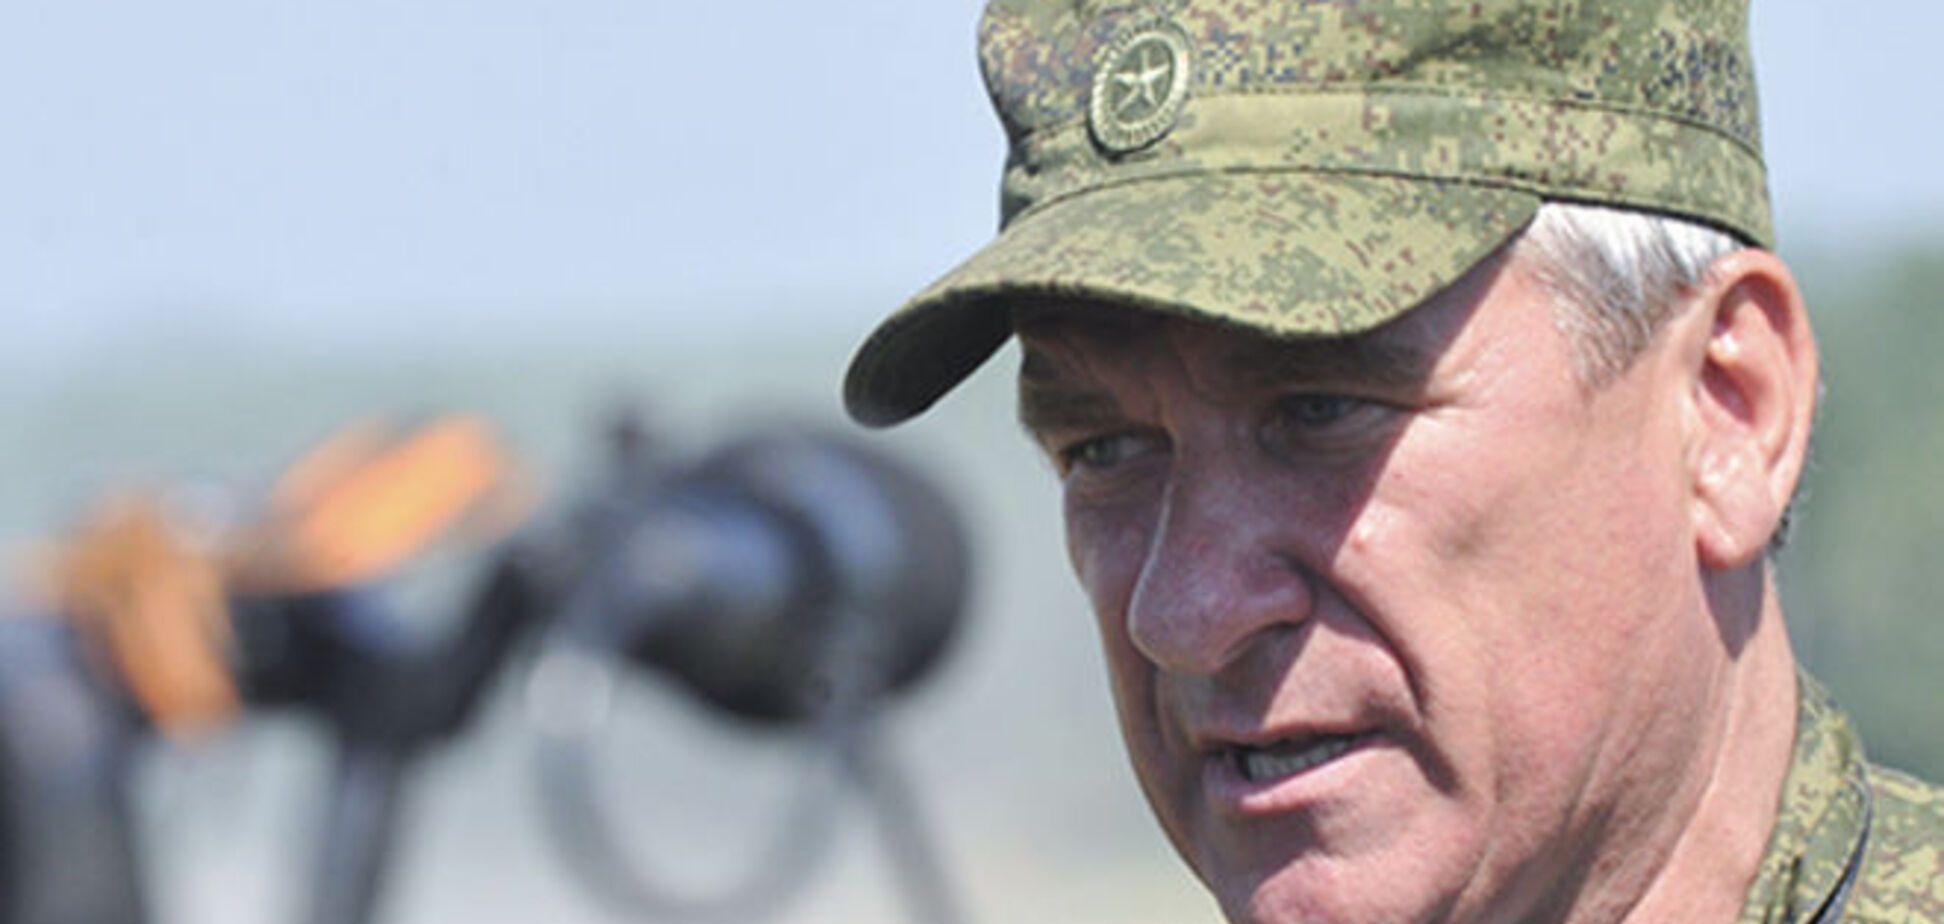 Боевики сообщили о попавшем под обстрел в Широкино российском генерале: видео